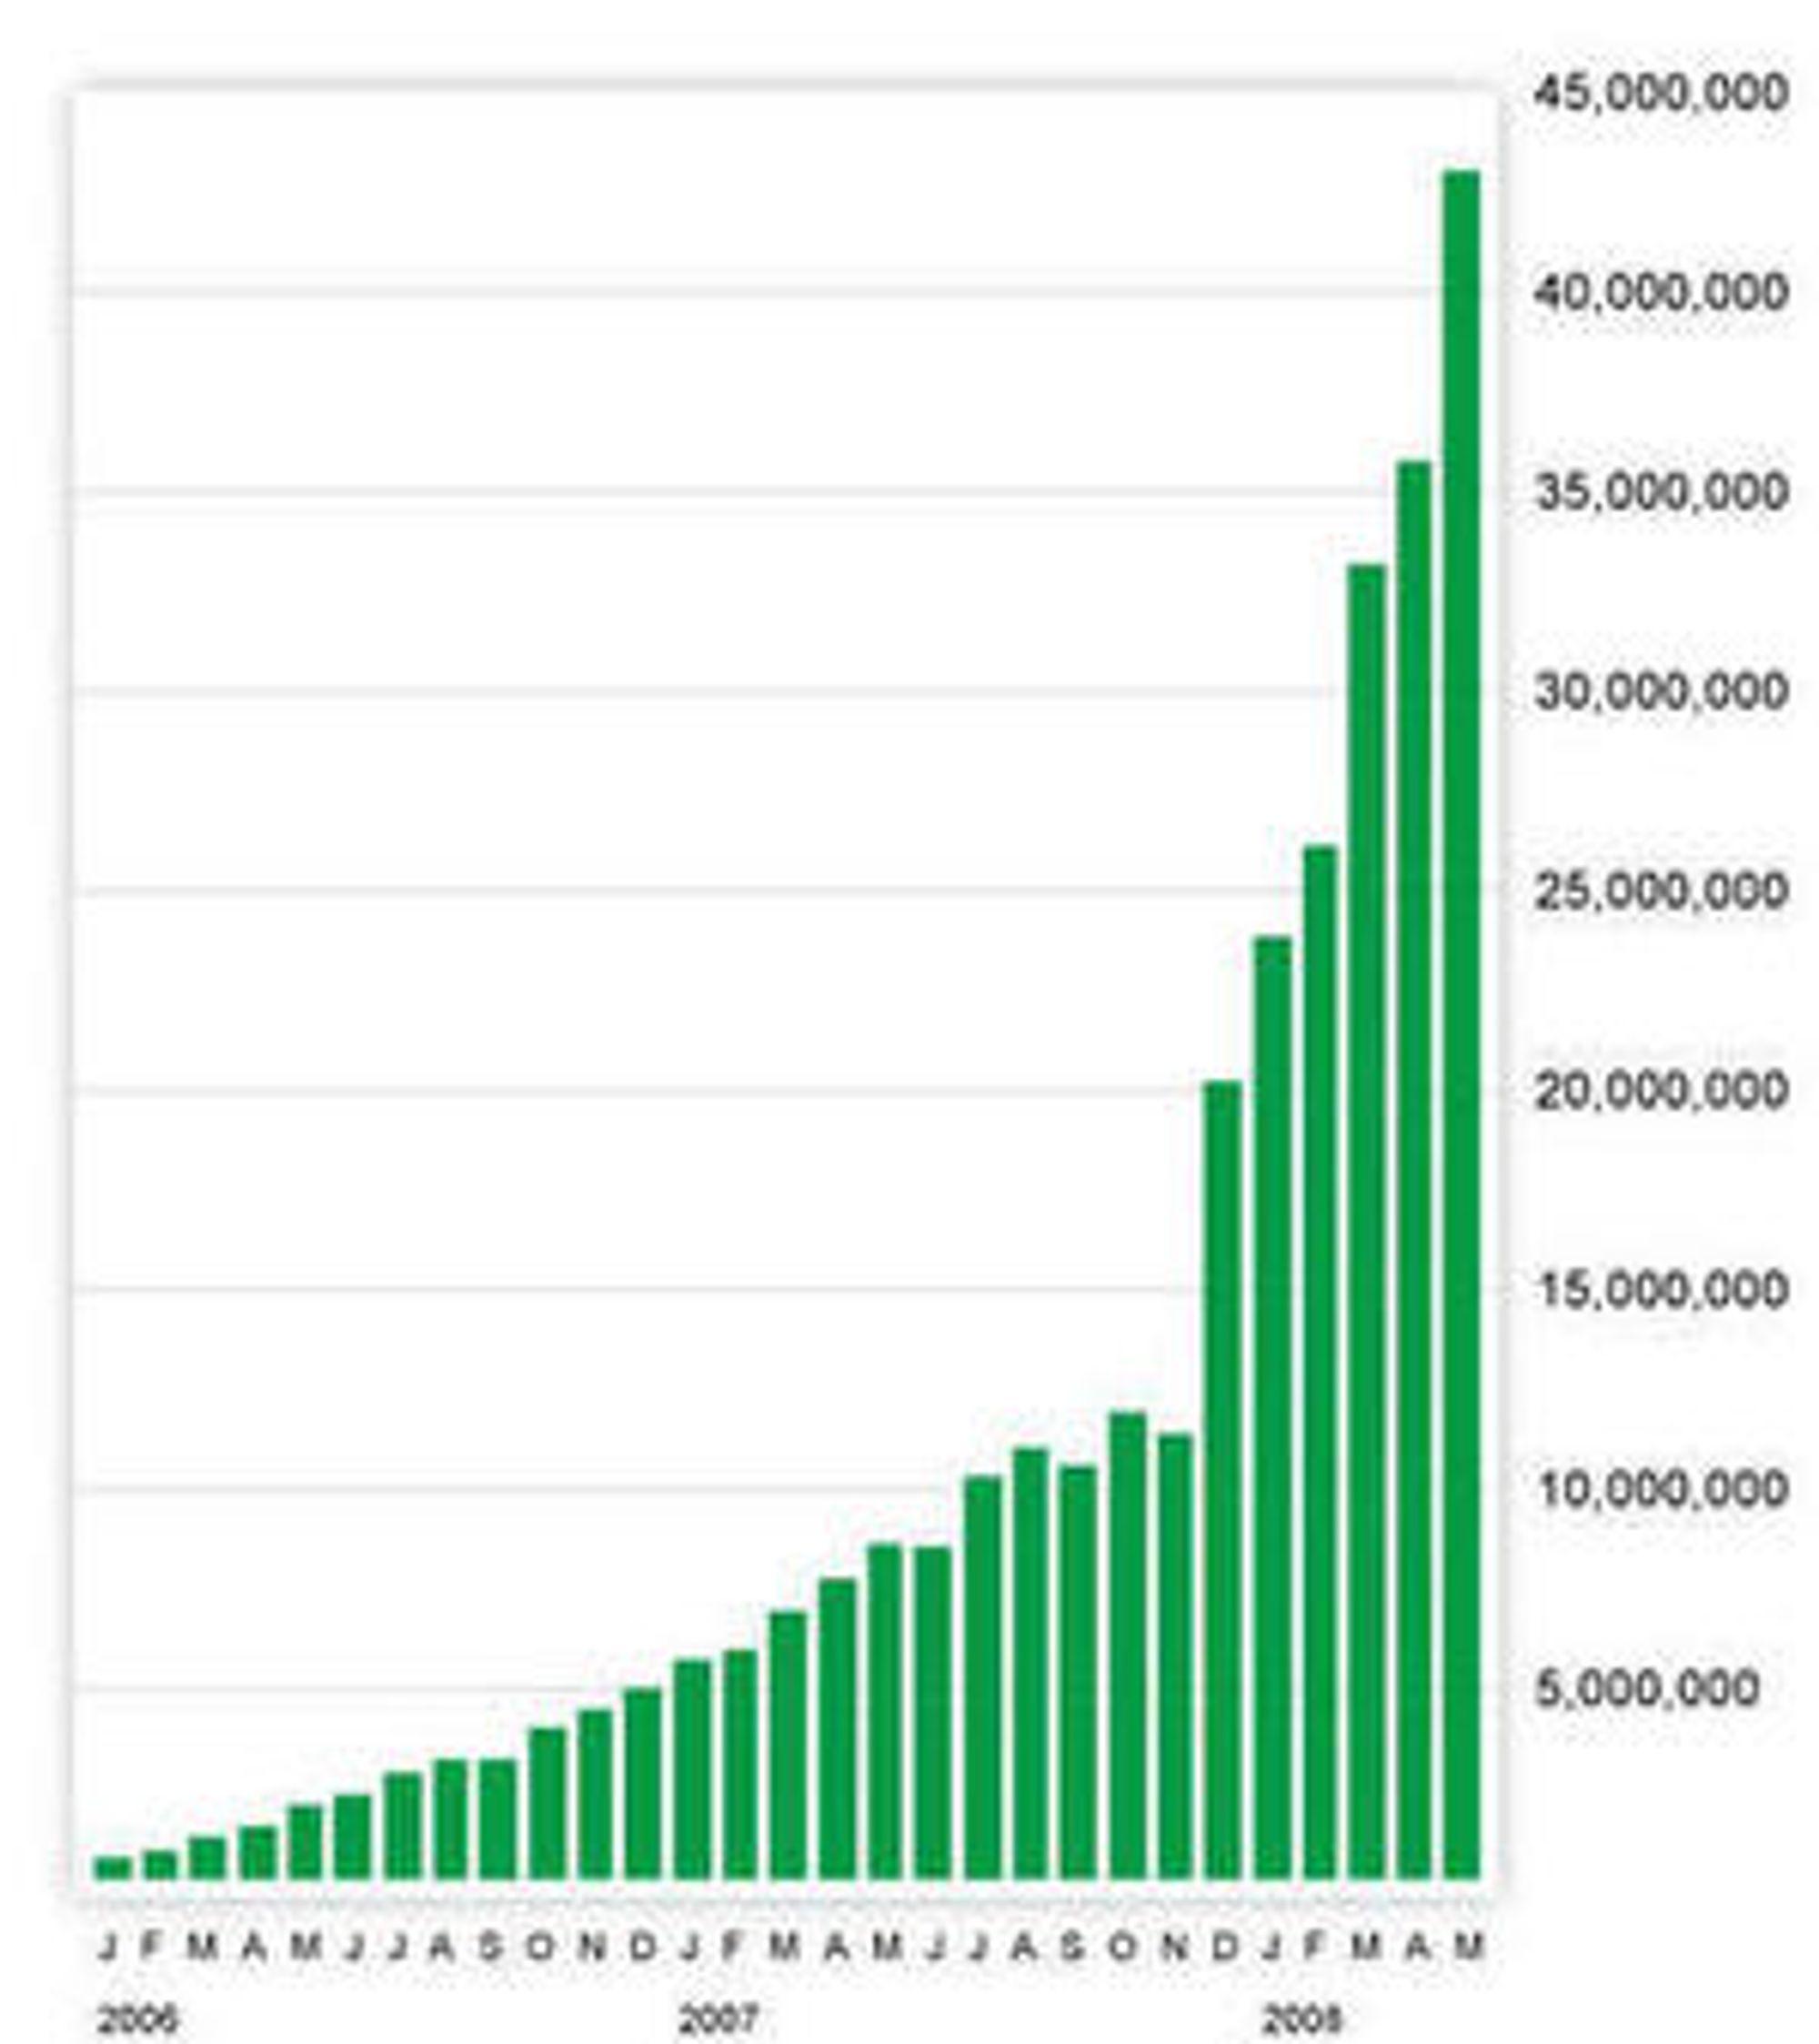 Datamengden  i megabytes sendt til Opera Mini-brukerne i mai 2008